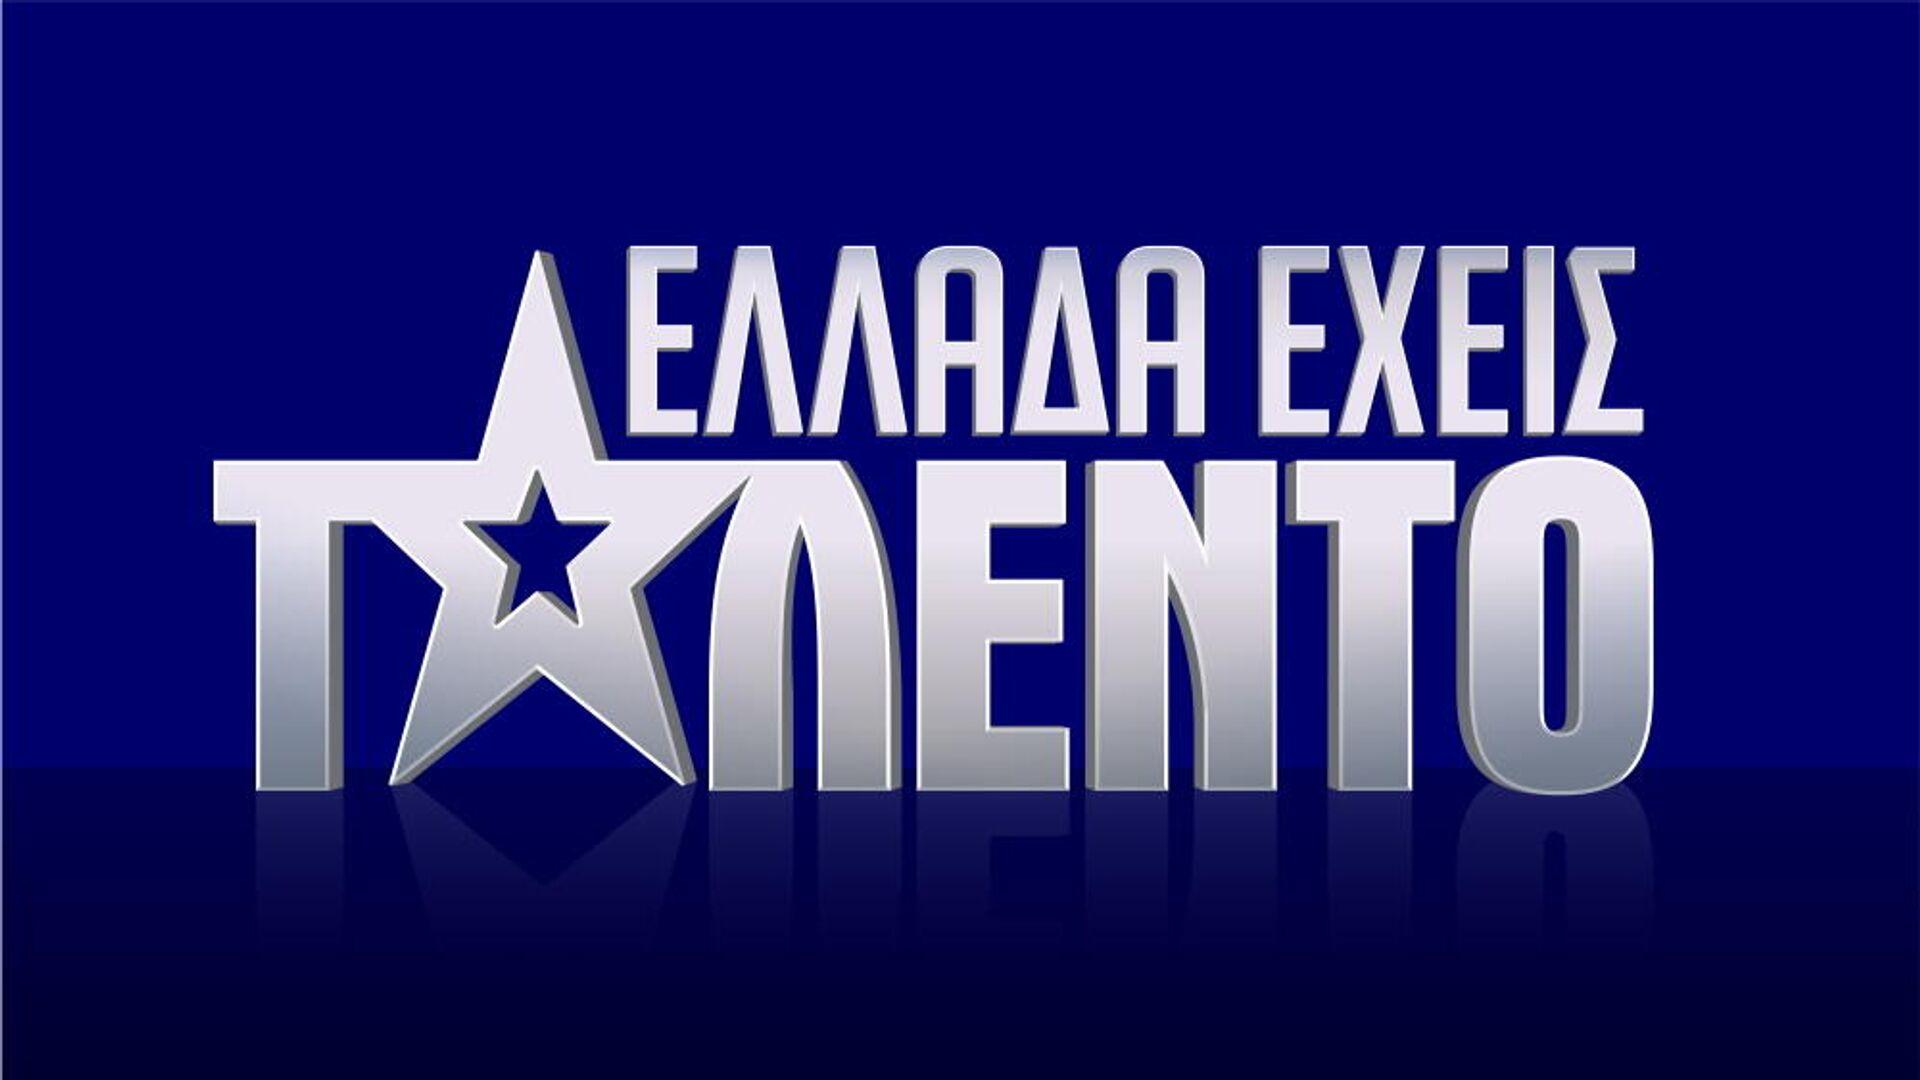 Το λογότυπο της εκπομπής Ελλάδα έχεις ταλέντο (ΑΝΤ1) - Sputnik Ελλάδα, 1920, 26.09.2021